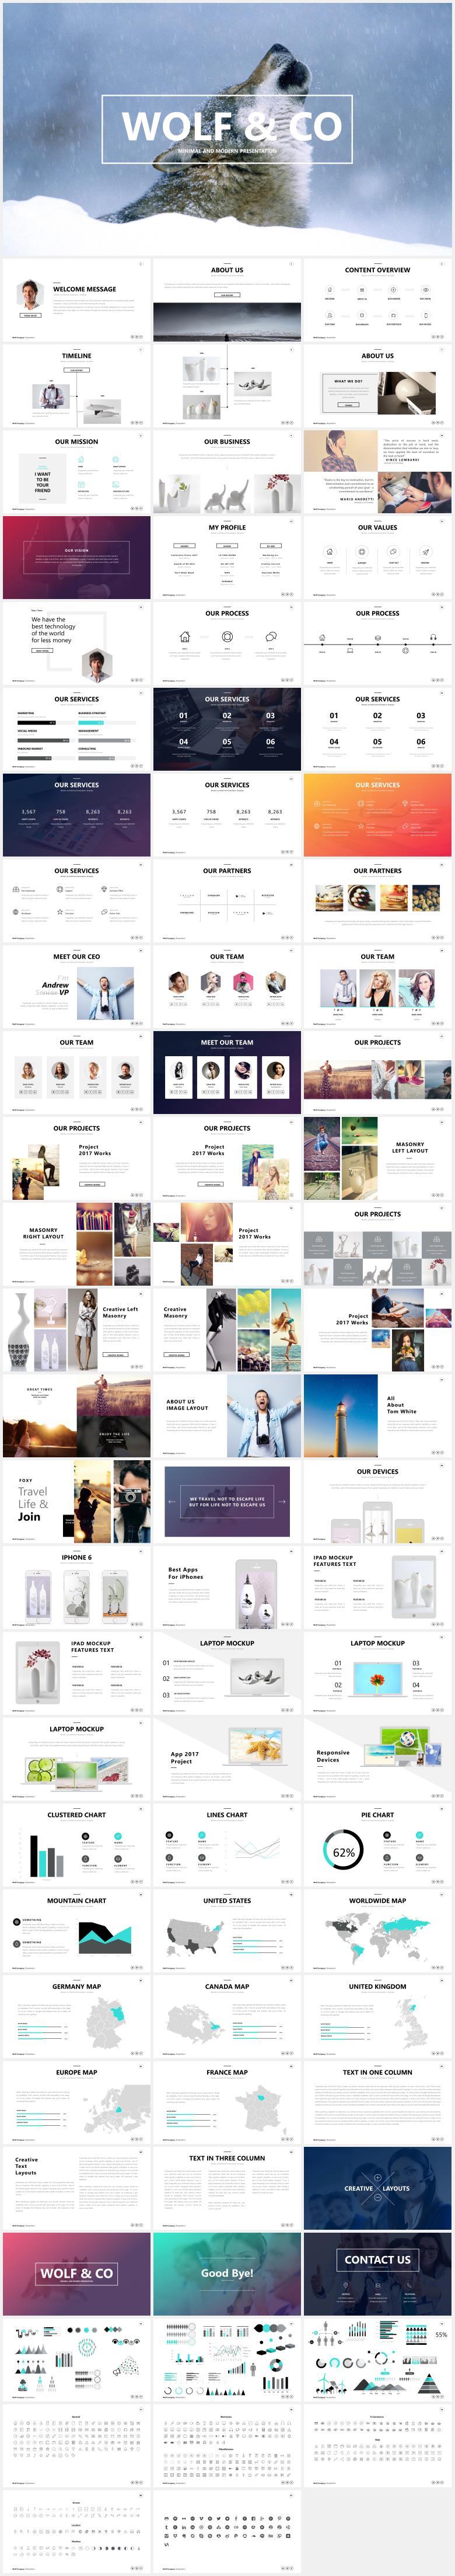 时尚欧美公司简介 企业介绍 团队介绍PPT模板